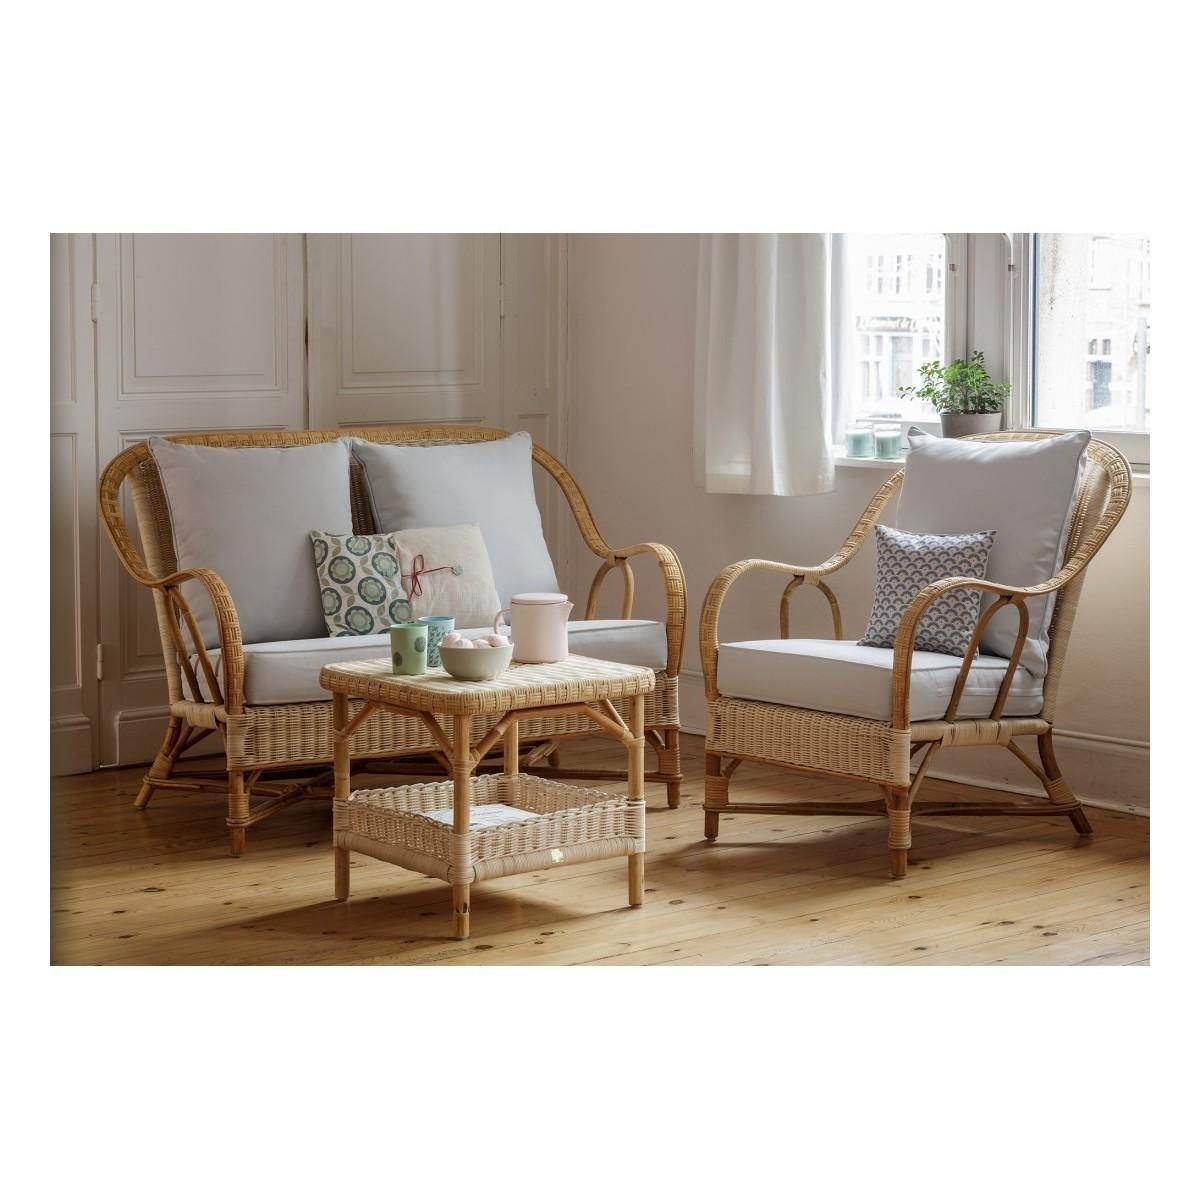 salon nantucket rotin naturel canape 2 fauteuils